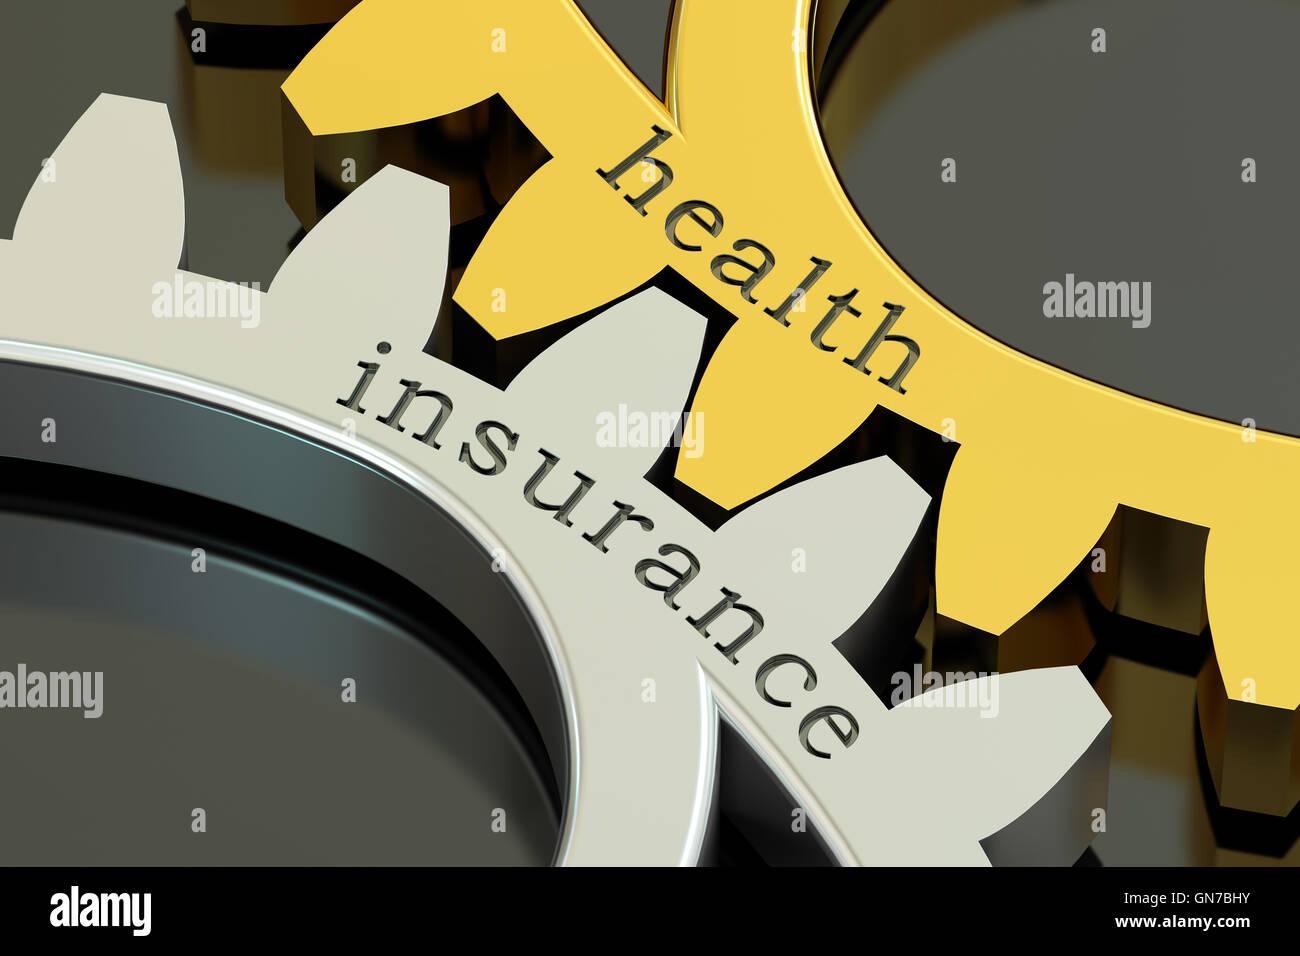 Los seguros de salud, concepto sobre las ruedas dentadas, 3D rendering Imagen De Stock